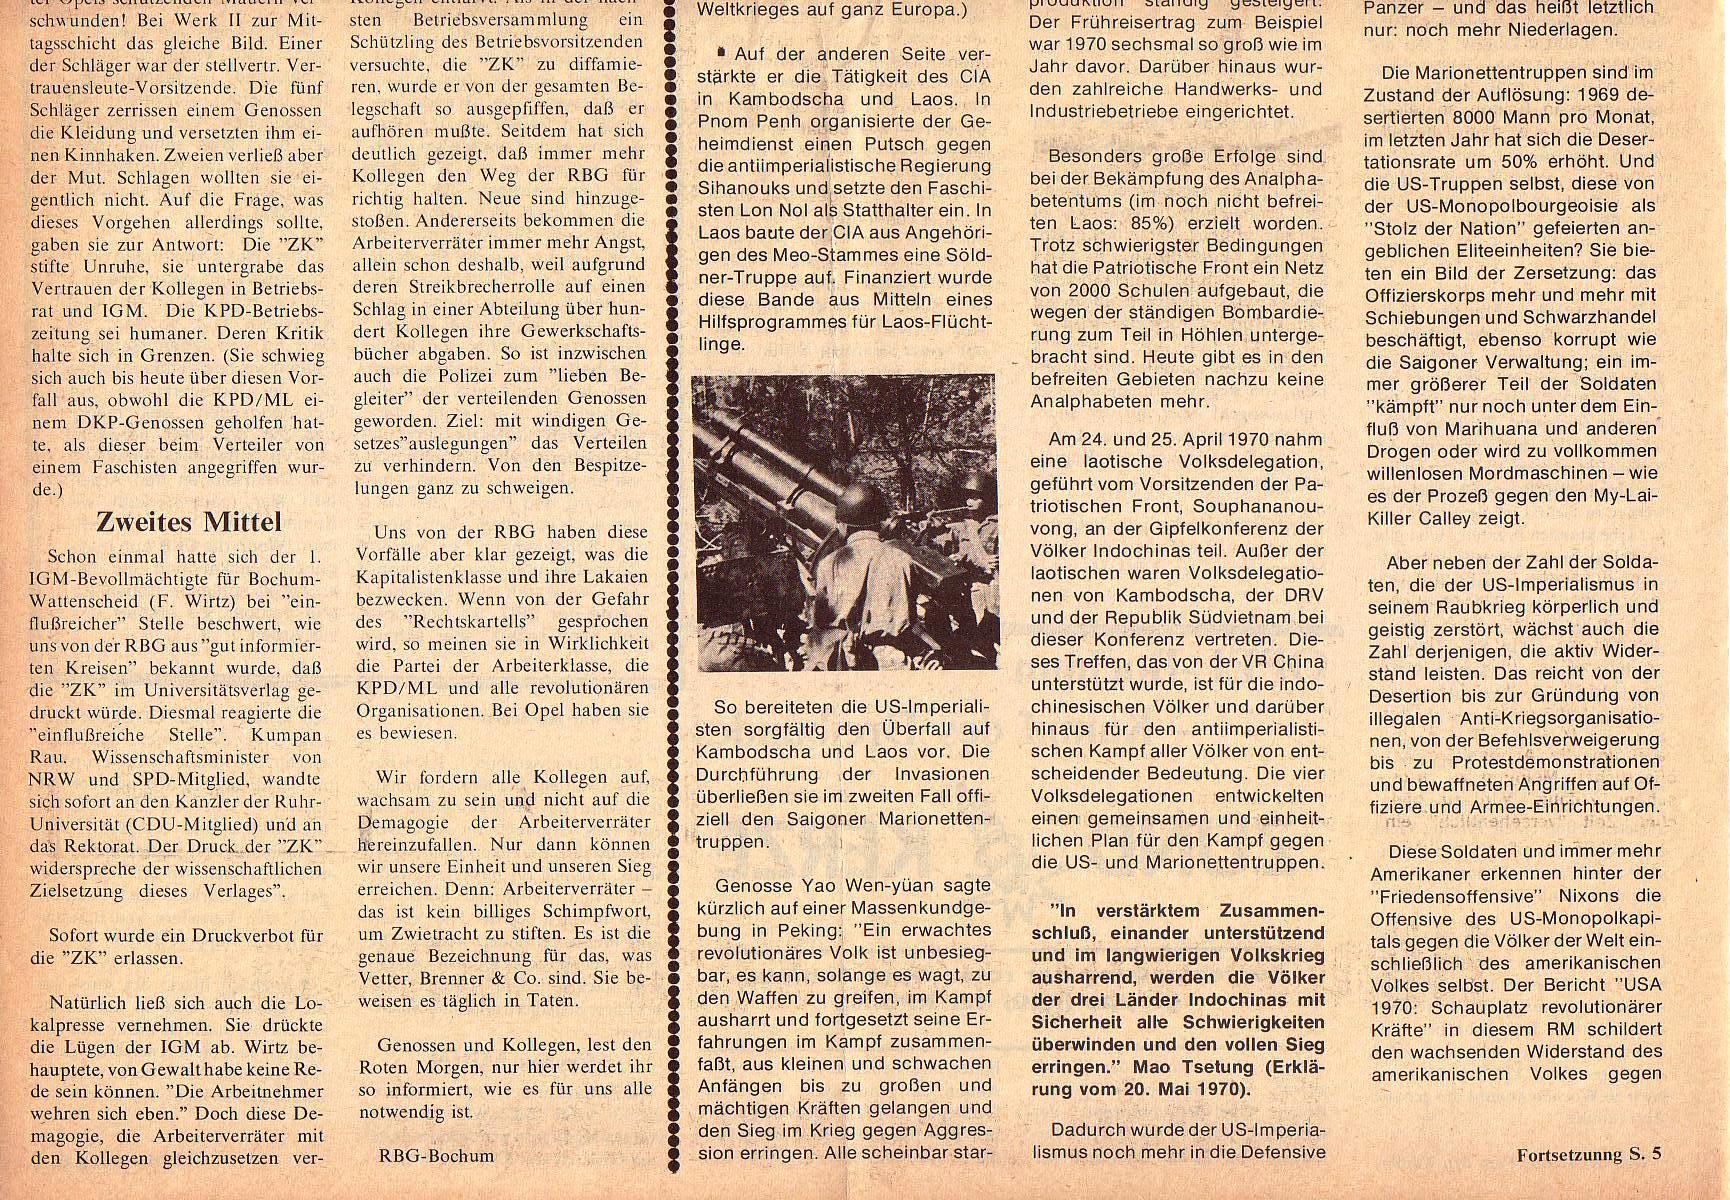 Roter Morgen, 5. Jg., März 1971, Nr. 3, Seite 4b